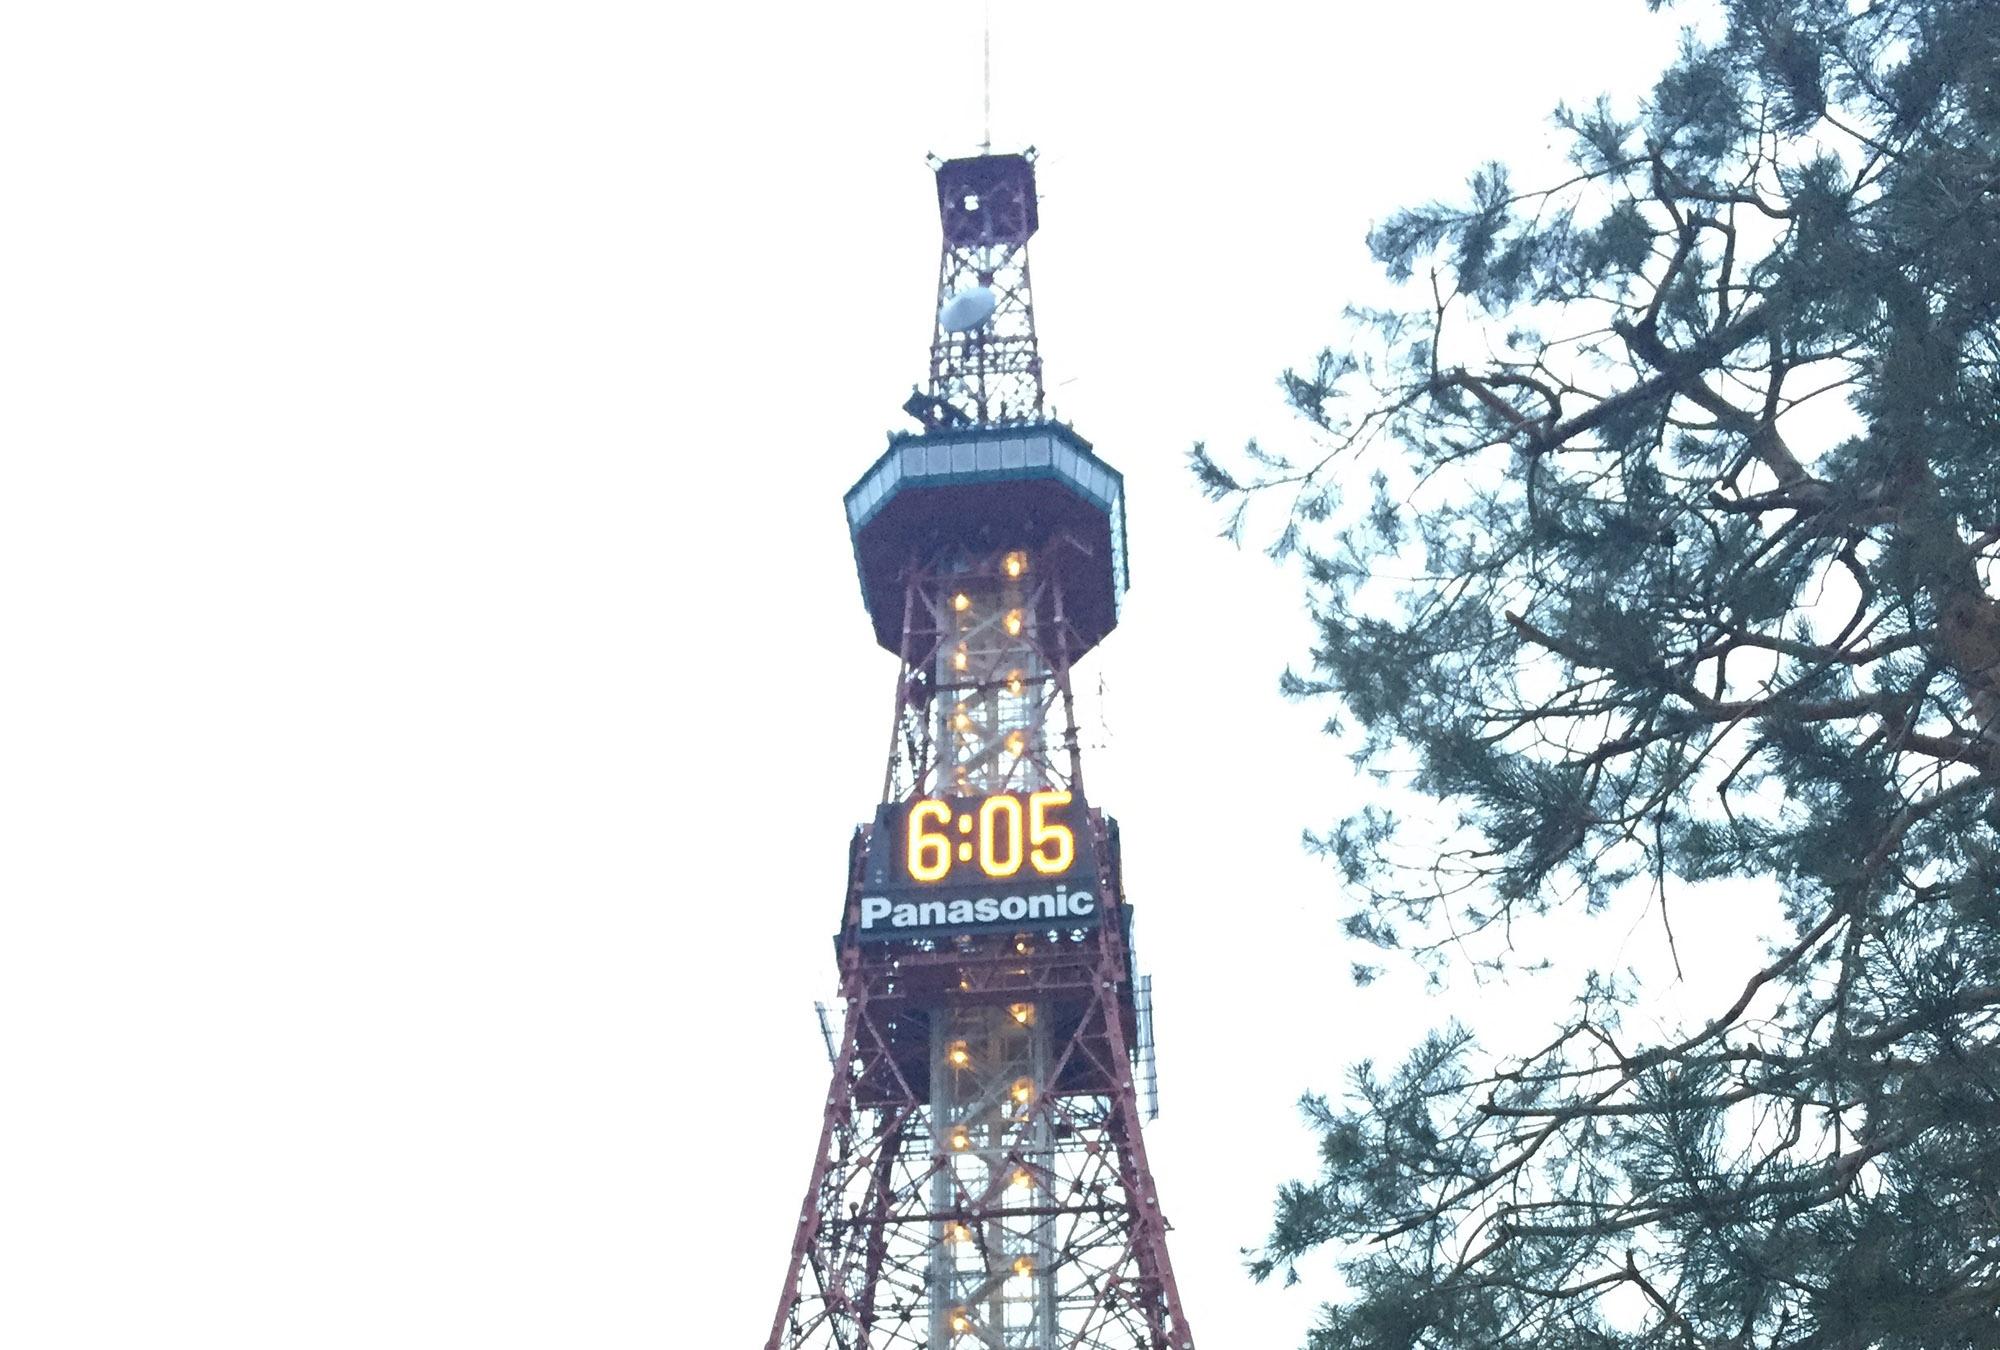 phpカンファレンス北海道に参加して思ったことあれこれ